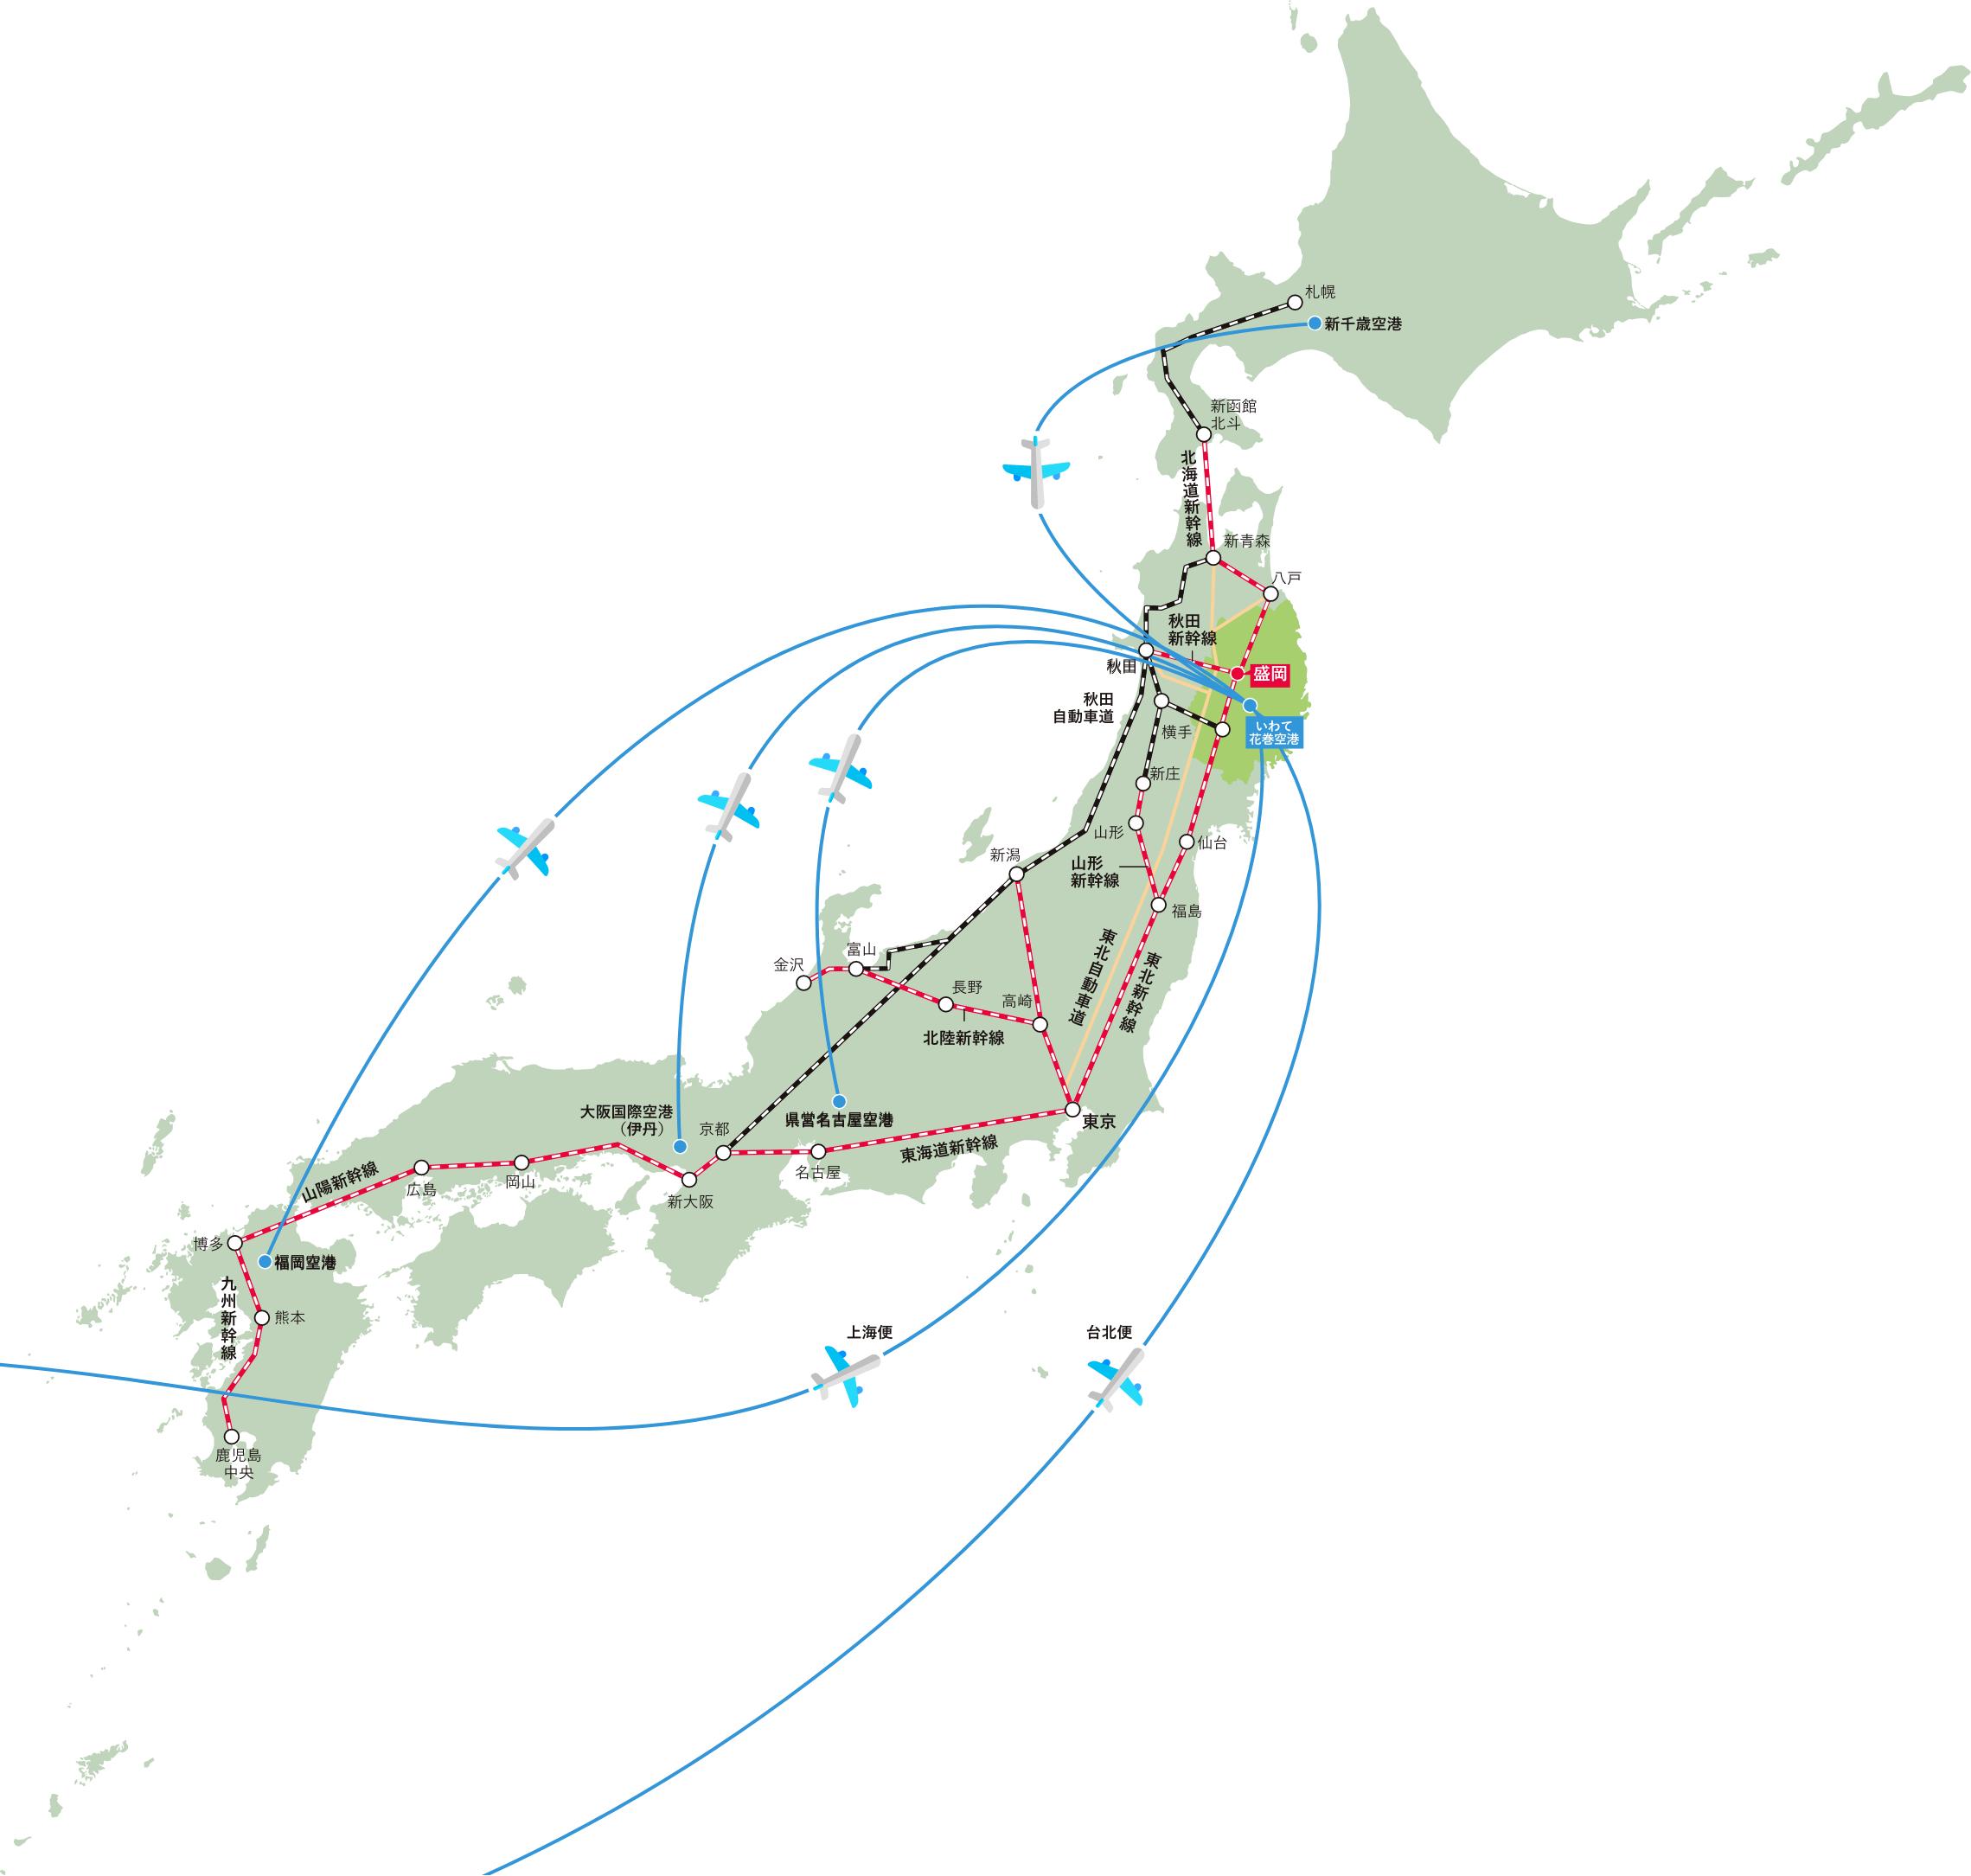 全国から三陸へのアクセスマップ